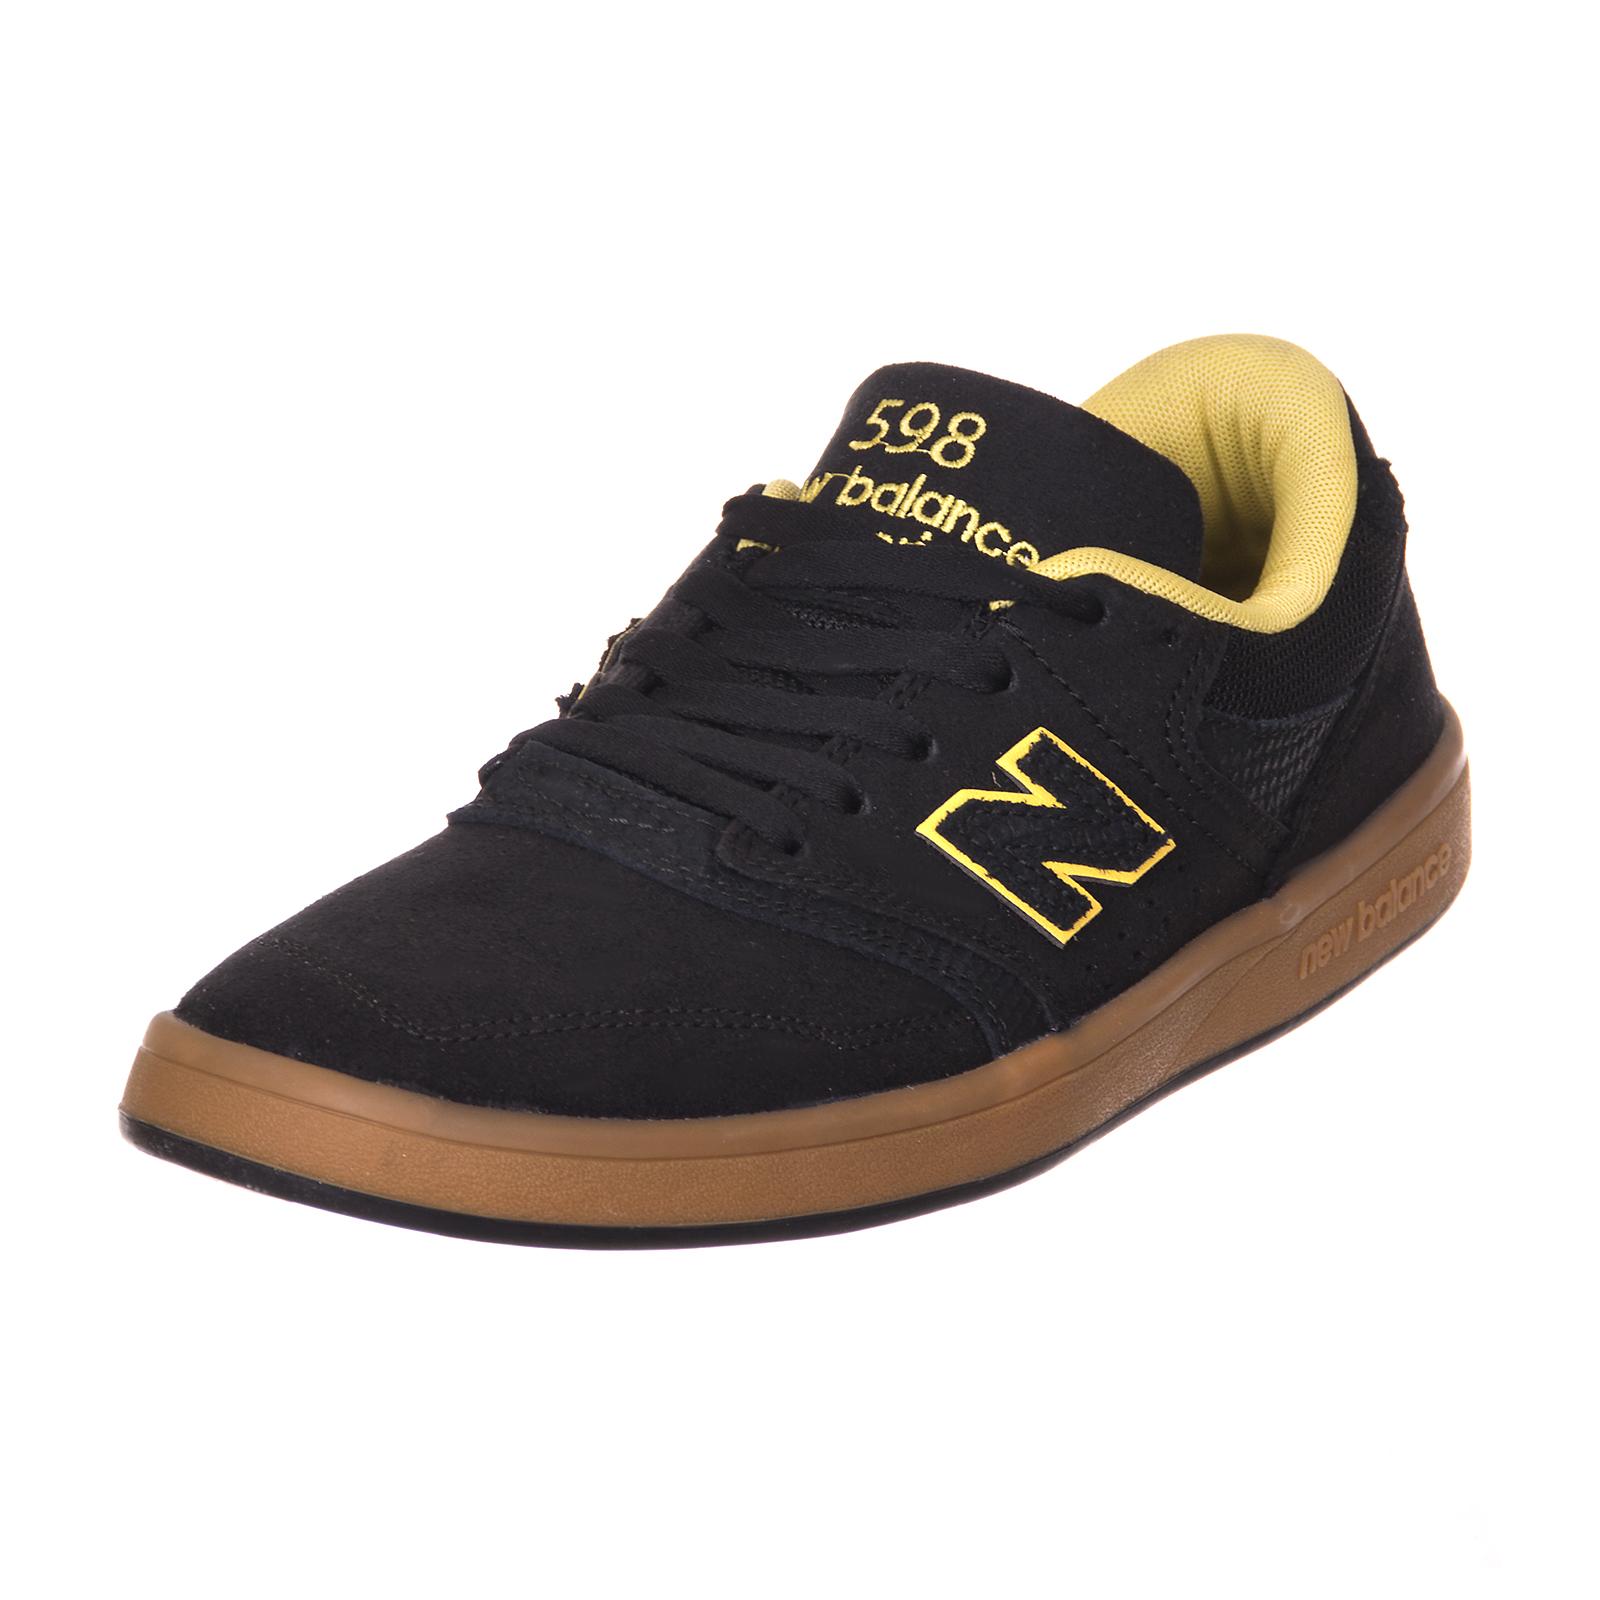 new balance Manturnschuhe chaussure numerische black Veloursleder/mesh